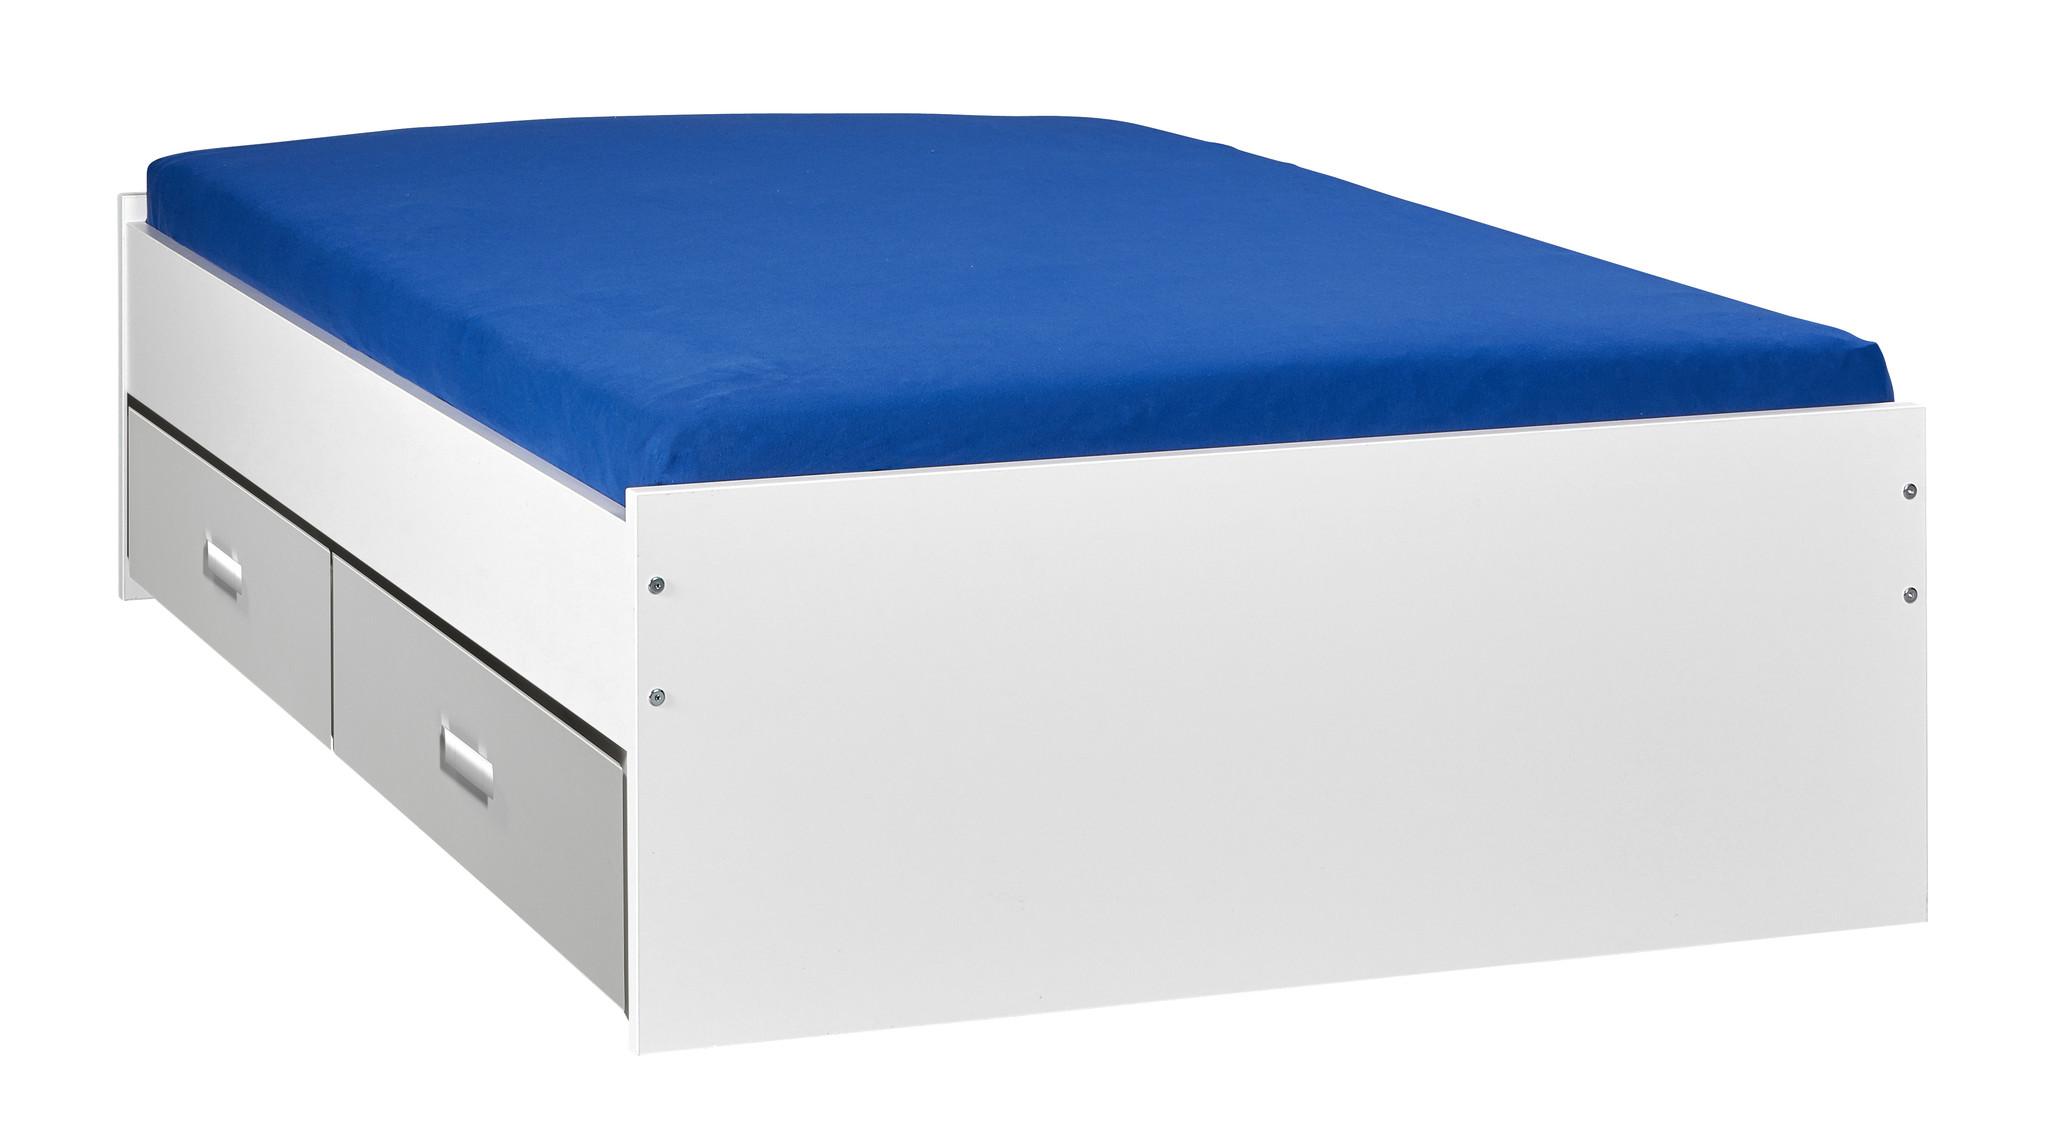 BEUK Bed met opbergruimte | 120x200 | Wit | Inclusief aluminium lades | 4 stuks 60cm diep